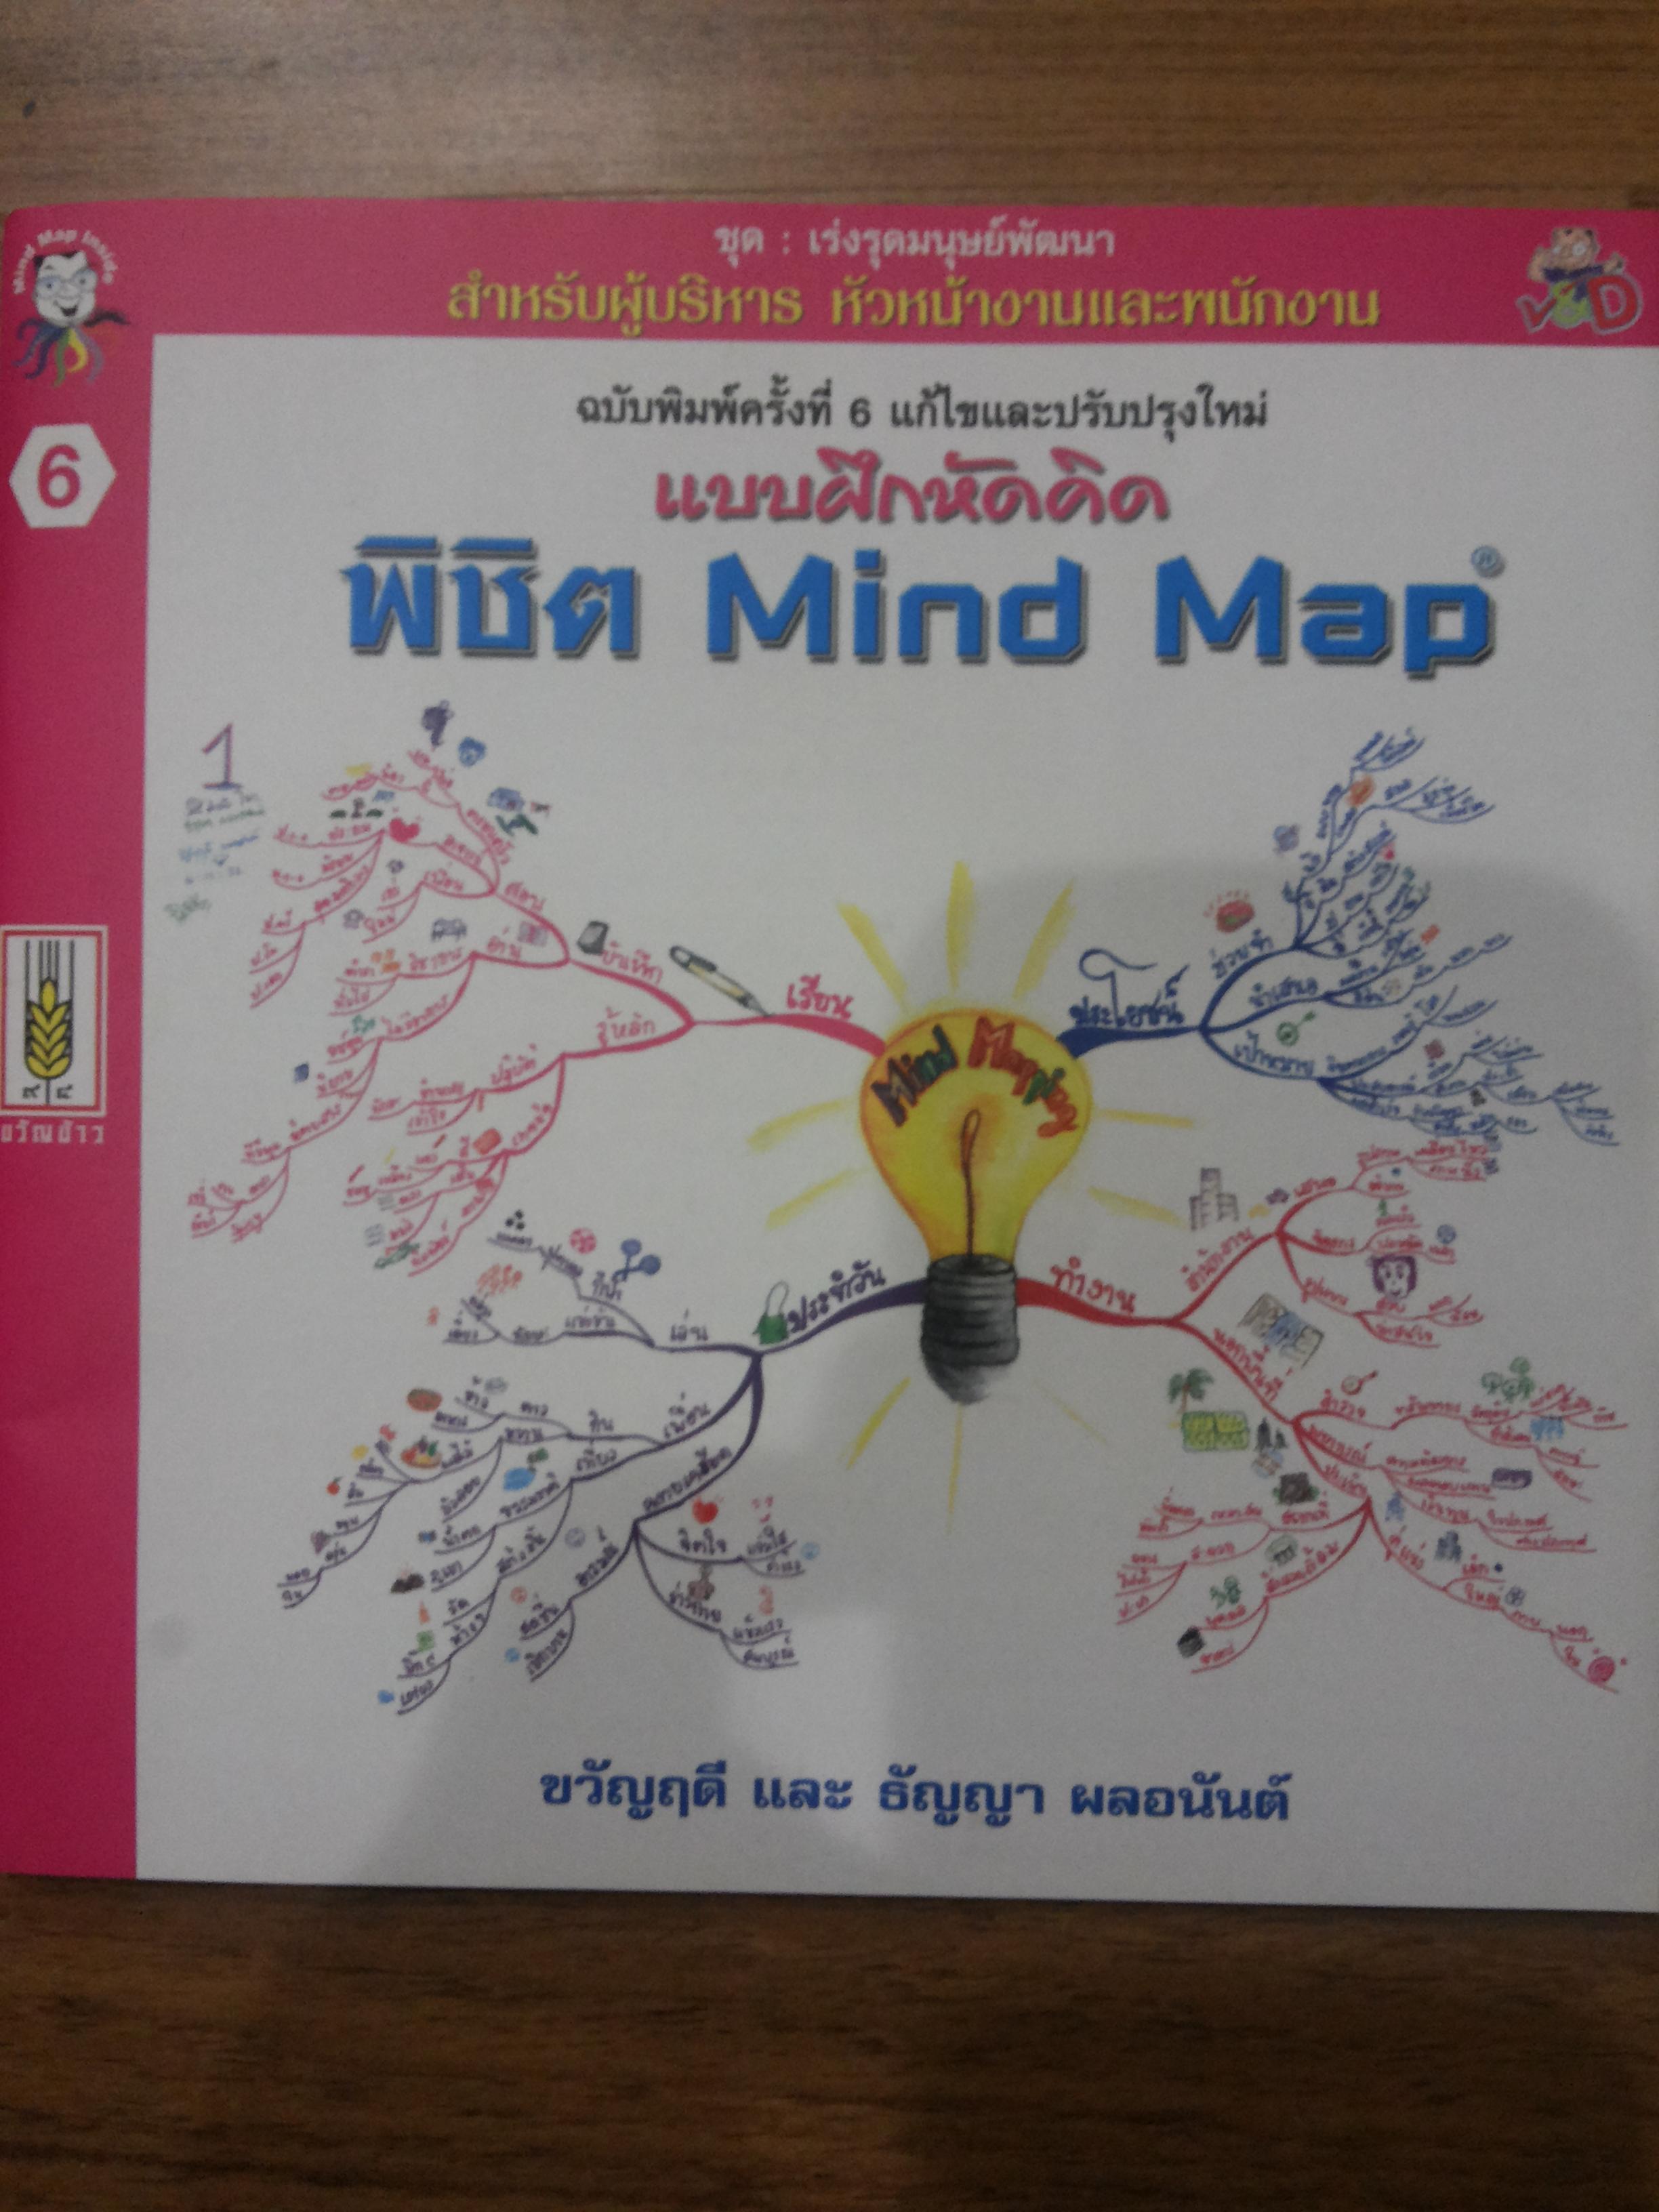 แบบฝึกหัดคิด พิชิต Mind Map